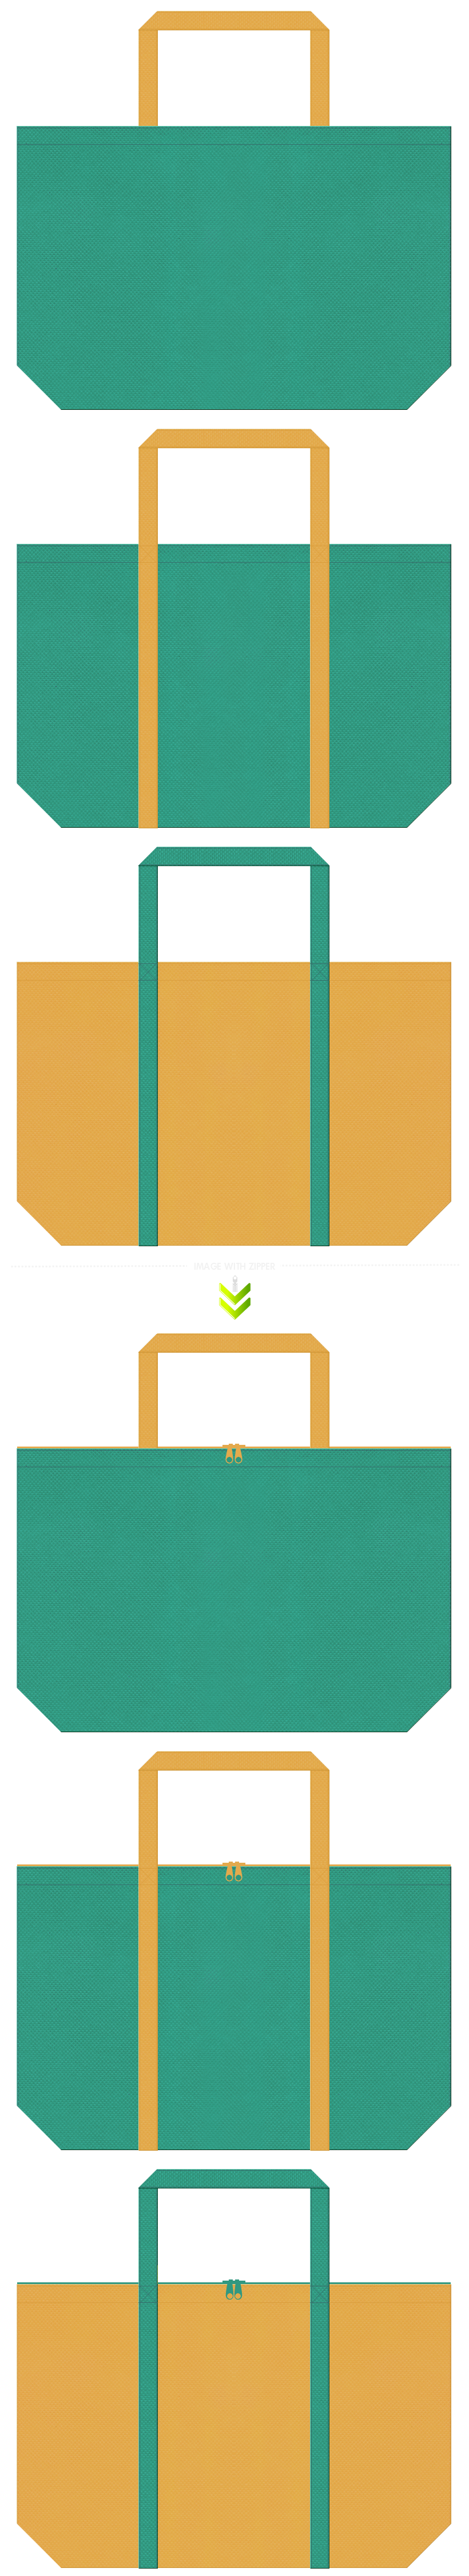 農業・種苗・肥料・野菜・産直市場・酪農・牧場イベント・絵本・おとぎ話・テーマパーク・キッズイベント・工作教室・DIYのショッピングバッグにお奨めの不織布バッグデザイン:青緑色と黄土色のコーデ